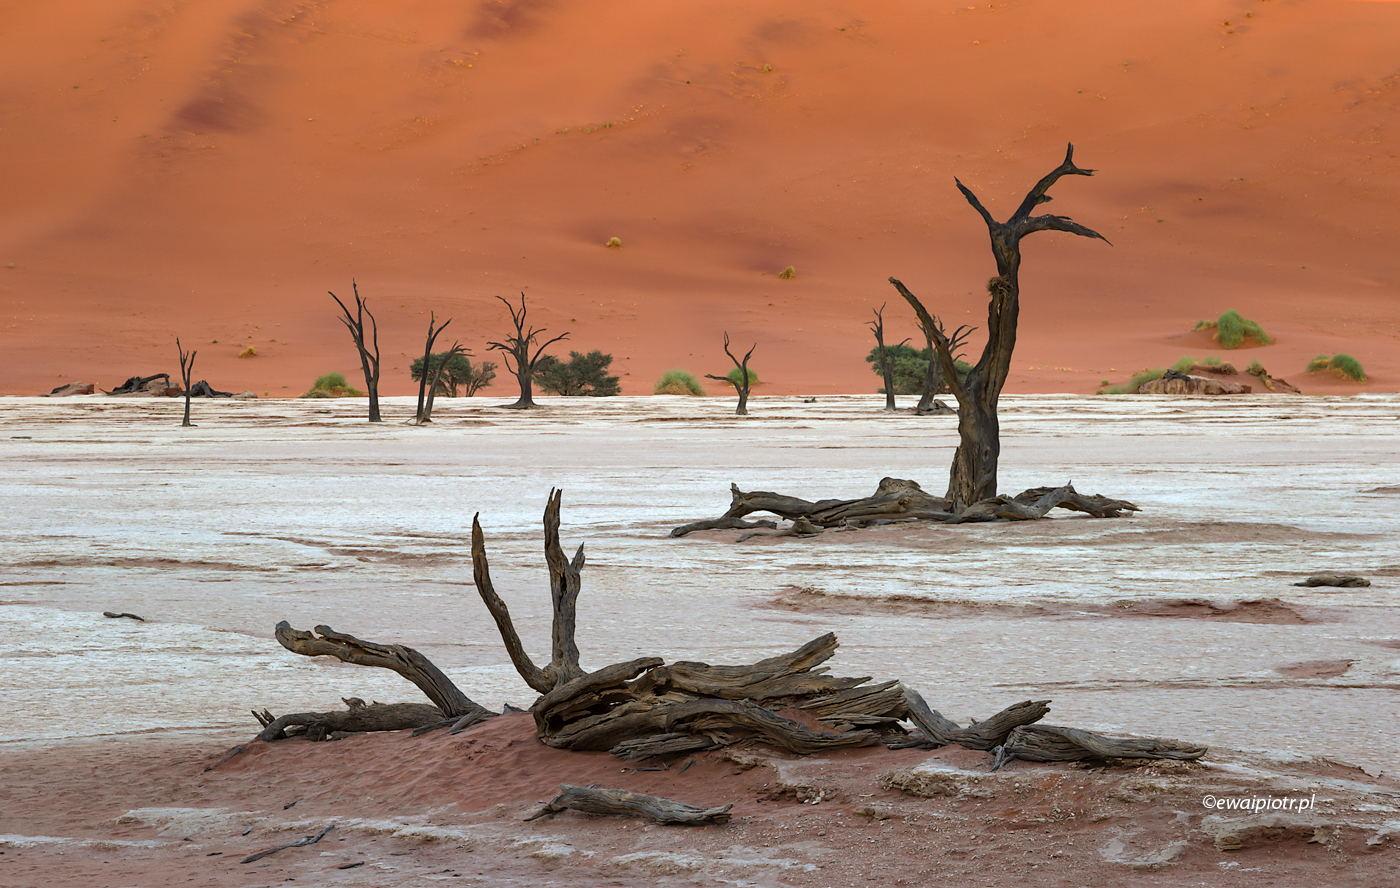 Pustynia w cieniu, Namibia